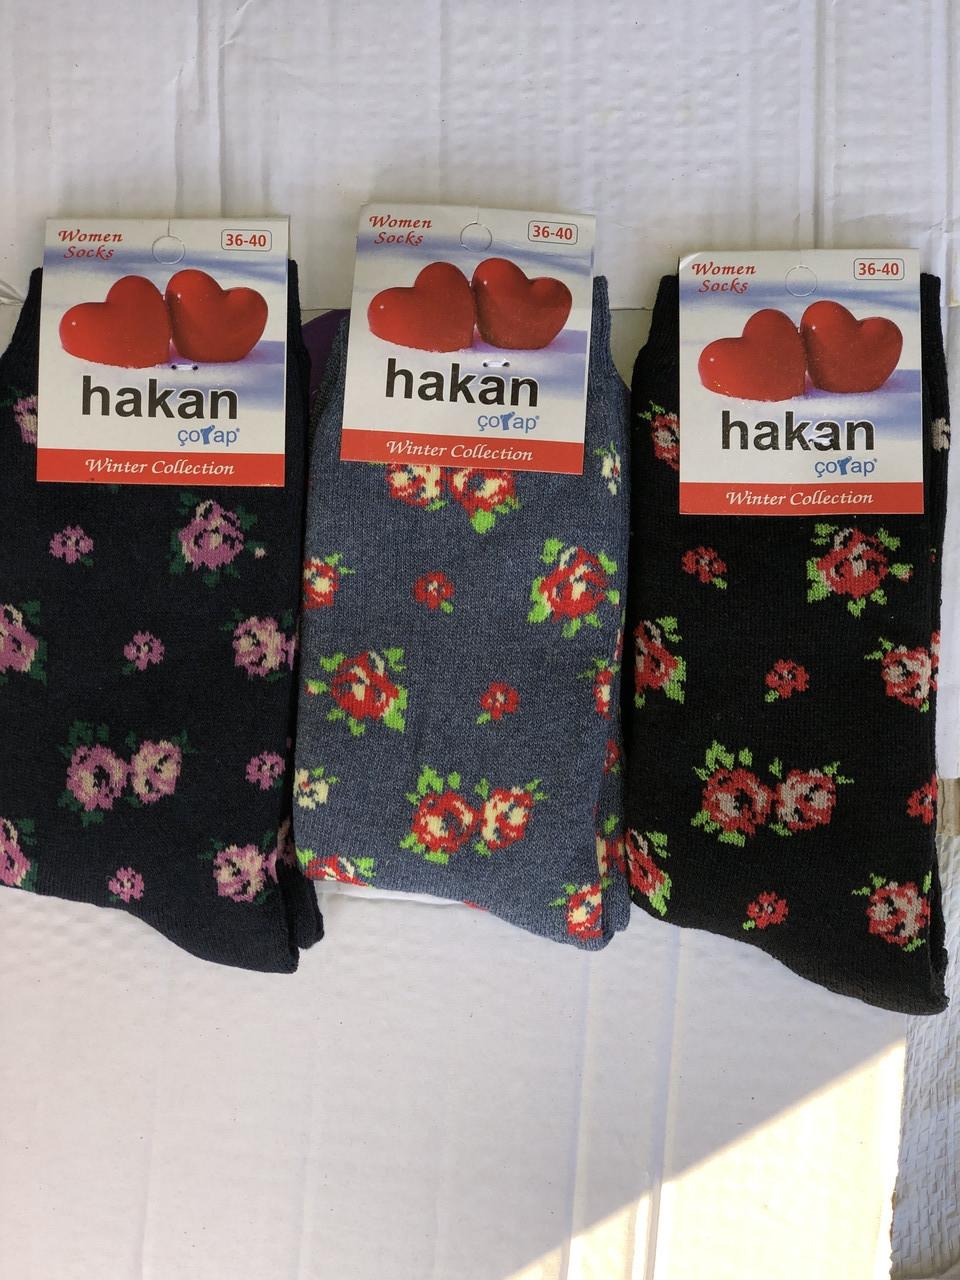 Жіночі махрові носки шкарпетки HAKAN з малюнком квітів новорічні 36-40 мікс кольорів